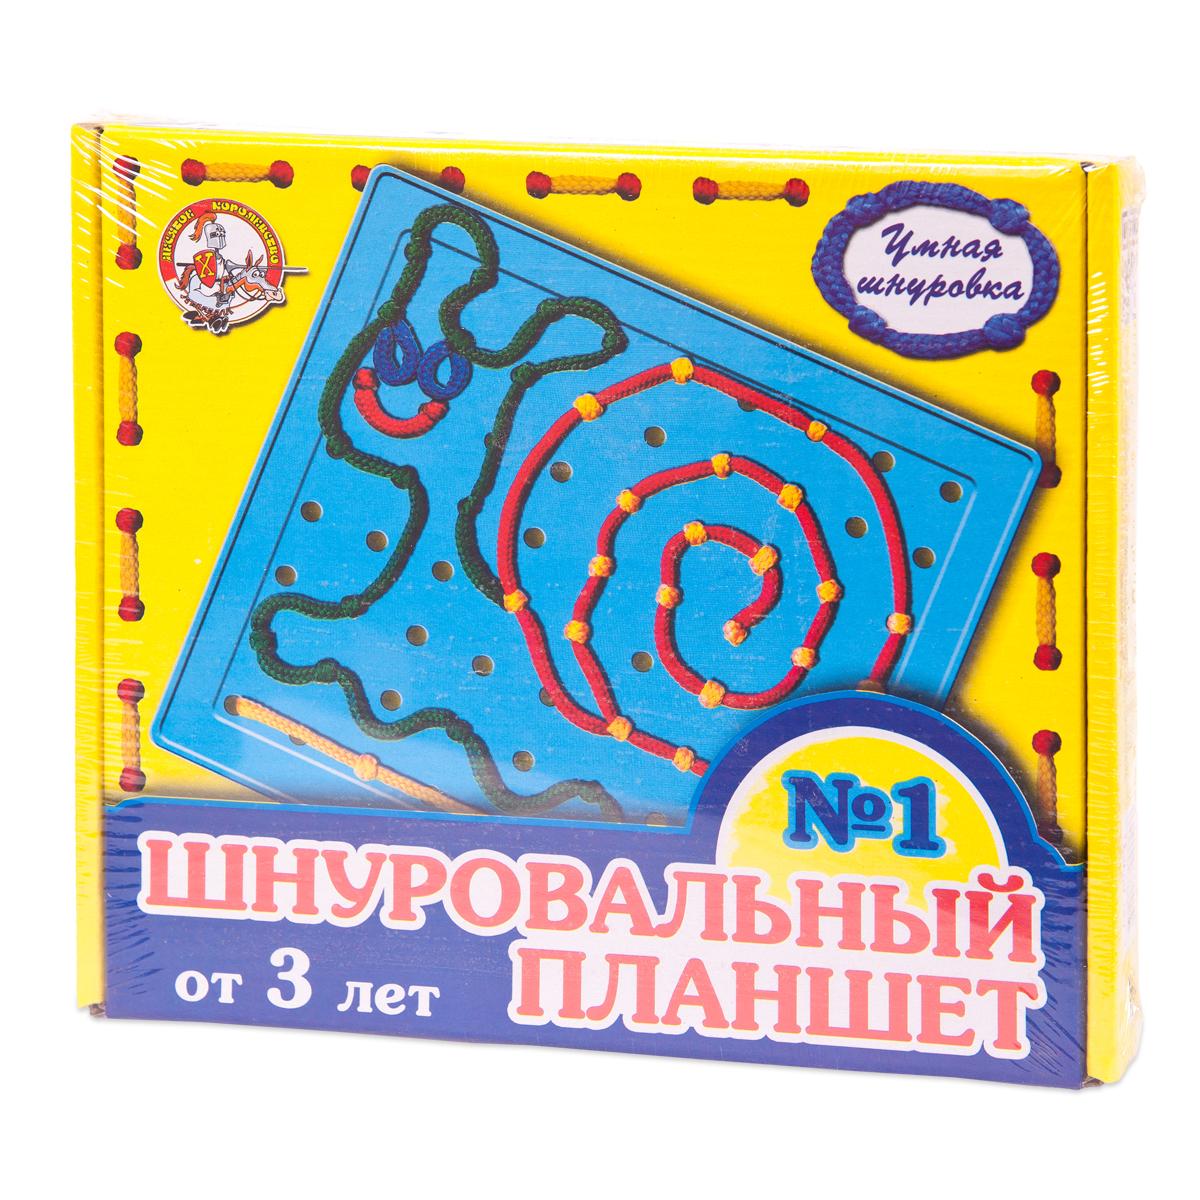 Планшет Десятое королевство Шнуровальный-1